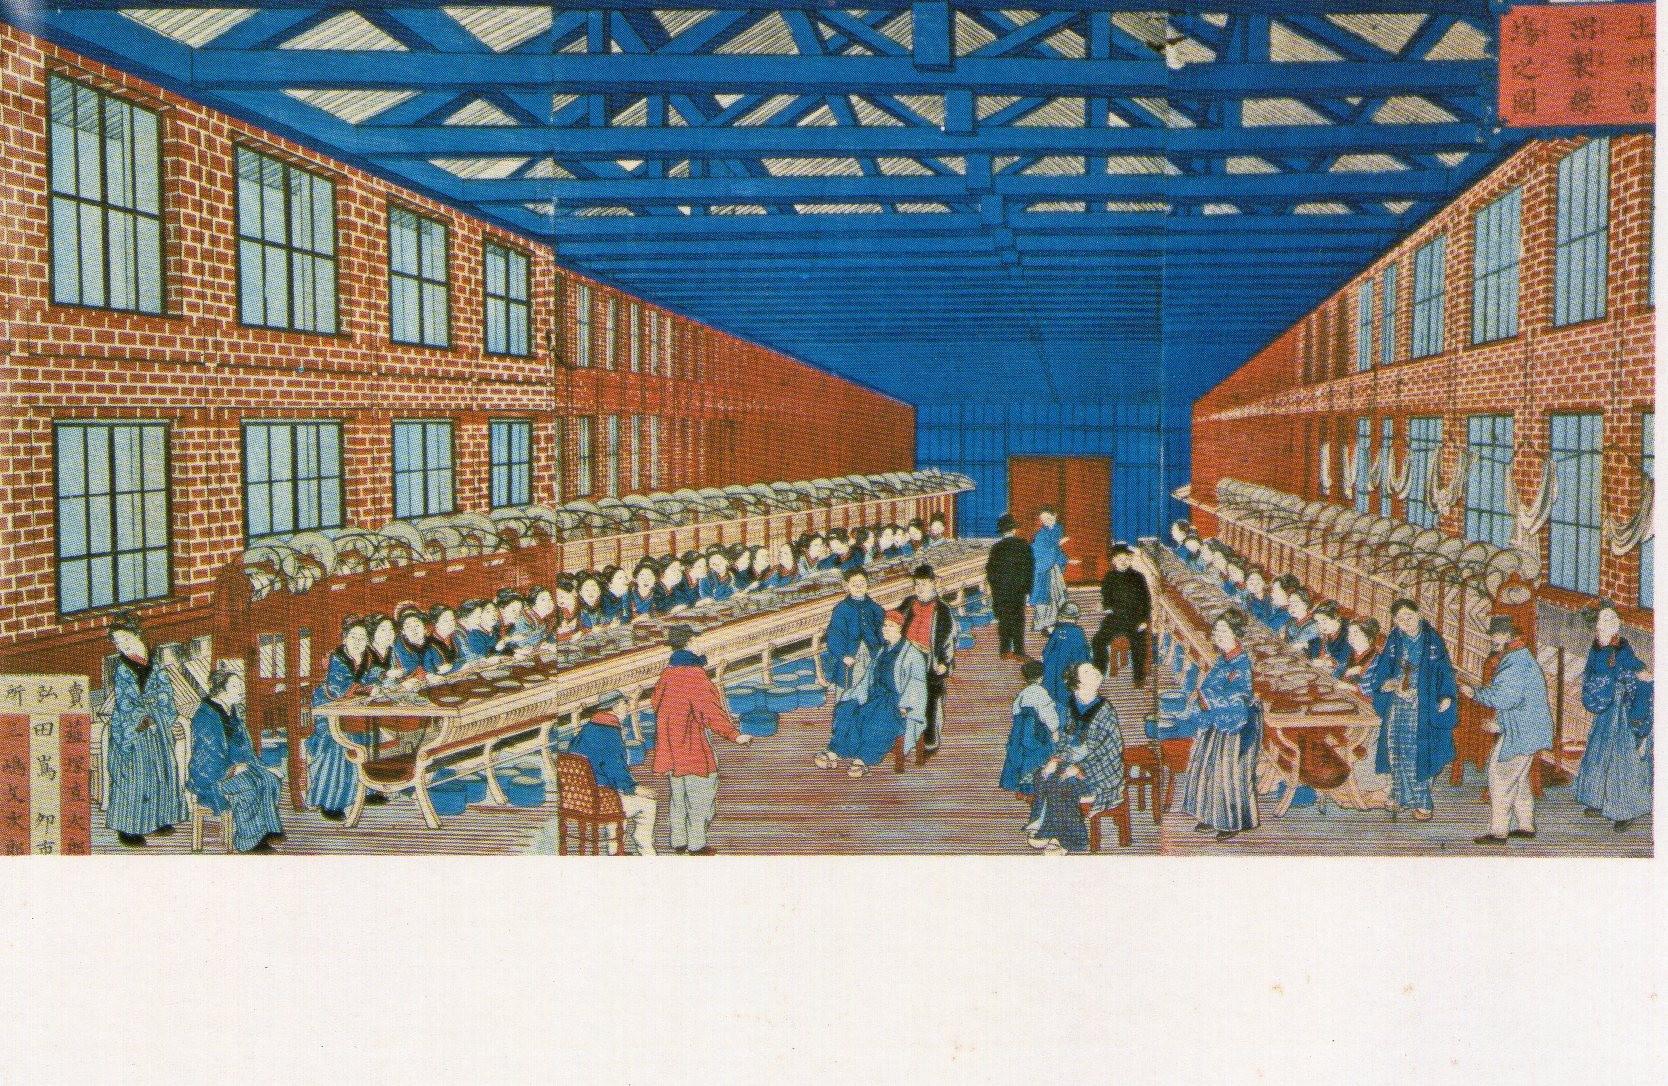 操業当初の工場錦絵